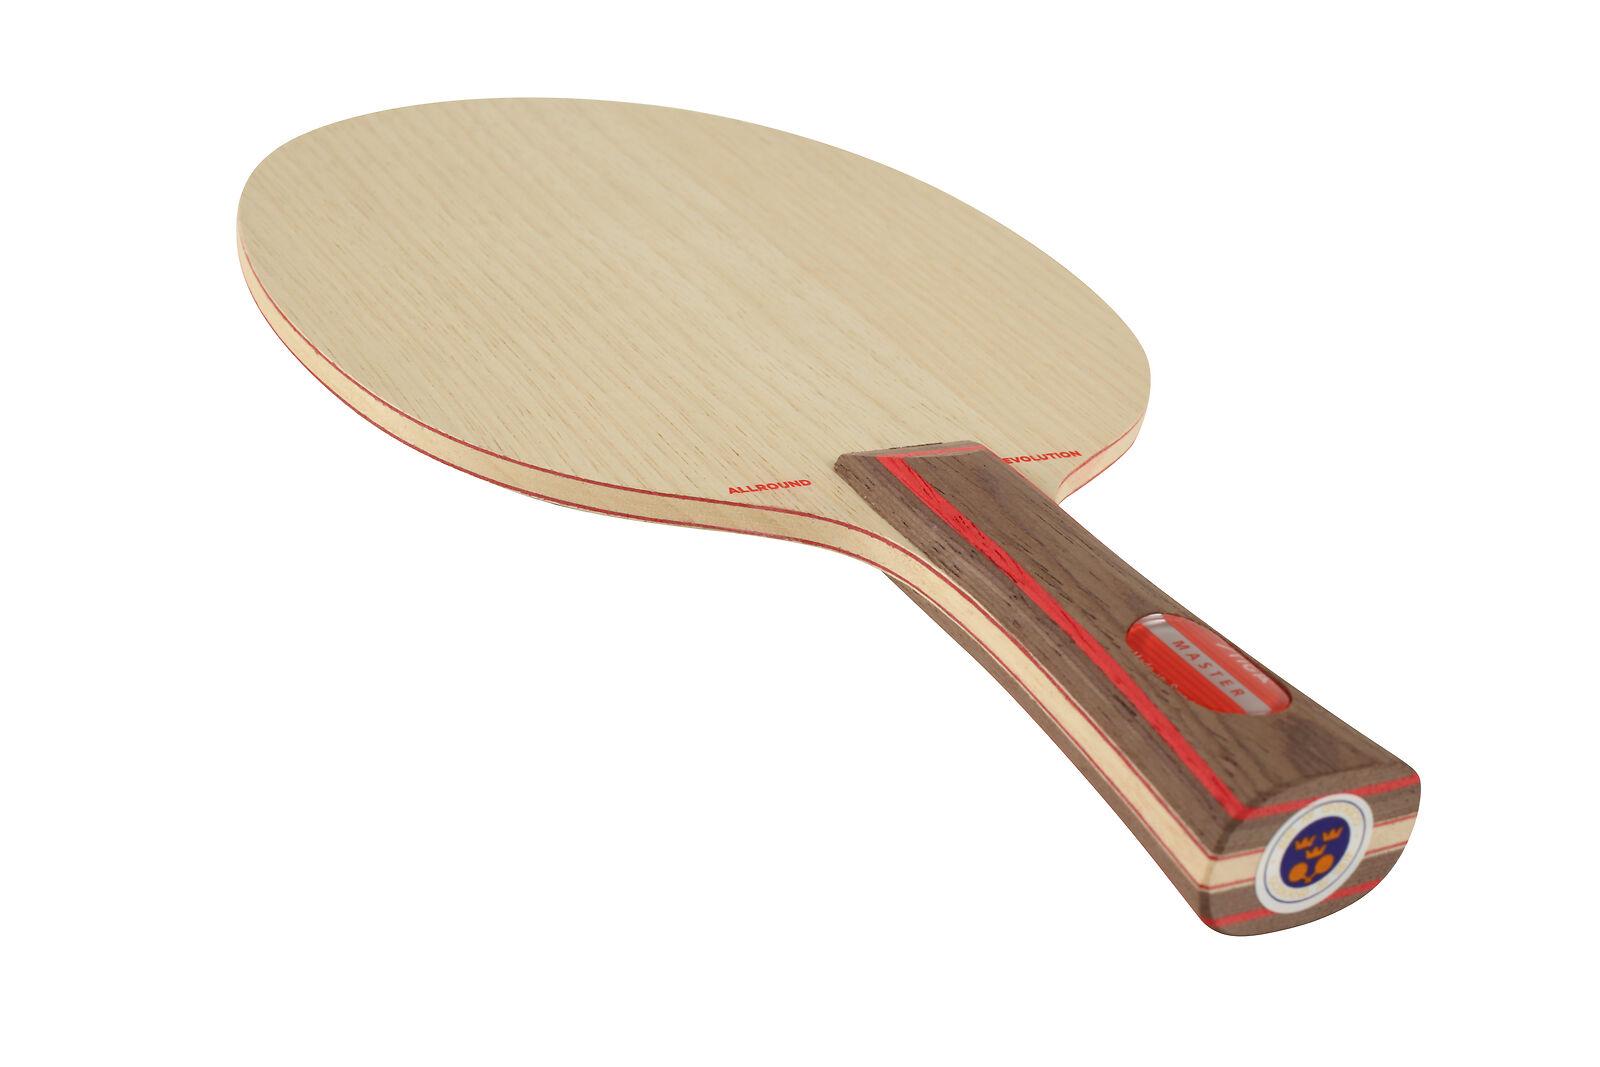 Stiga Allround Allround Allround Evolution  Tischtennis-Holz Tischtennisholz f4377f